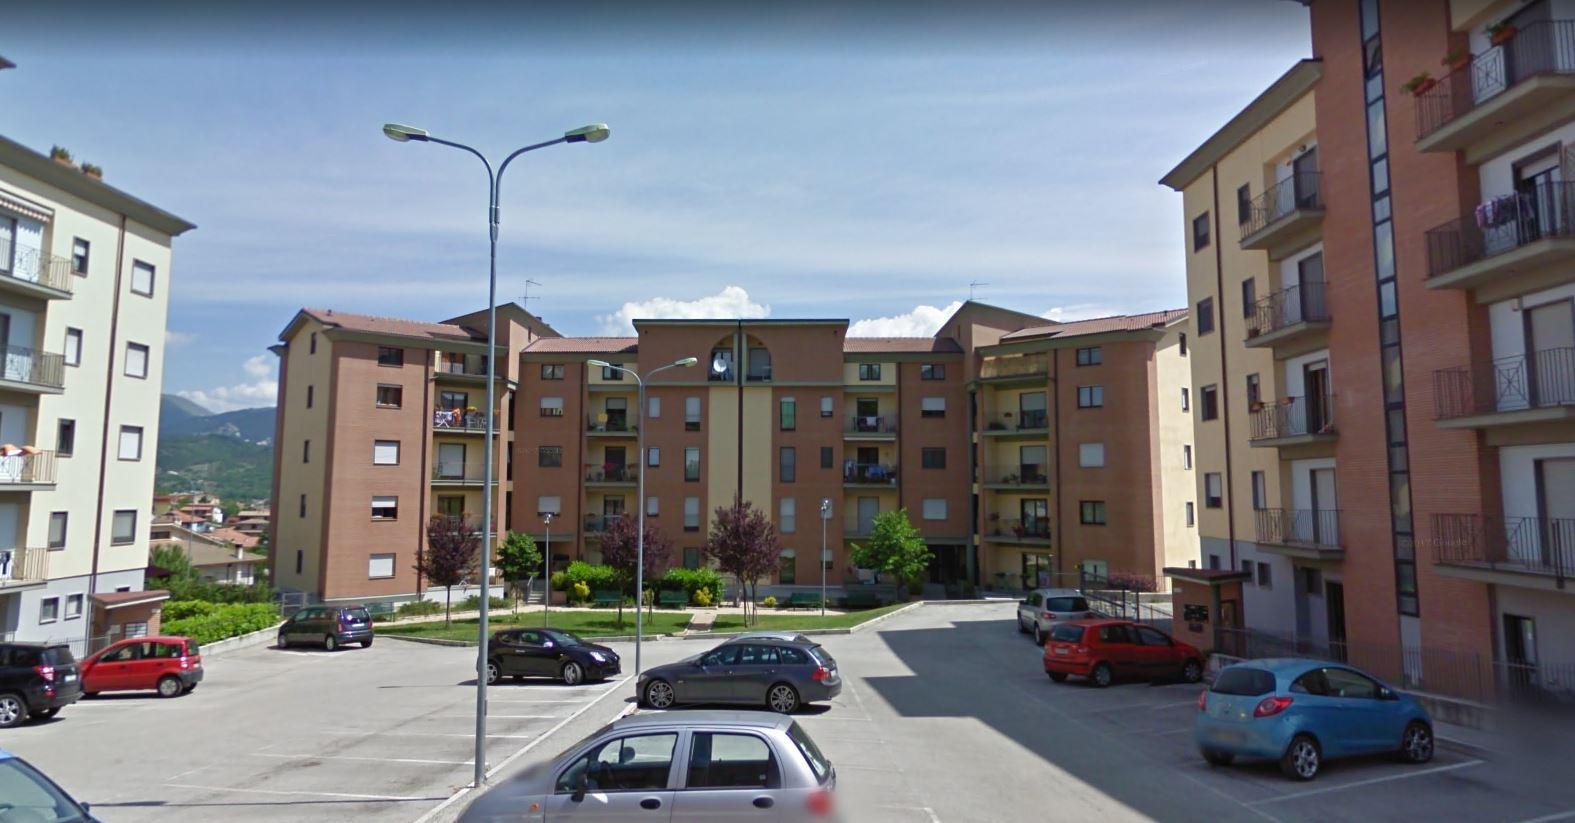 Appartamento in vendita a L'Aquila, 3 locali, zona Zona: Coppito, prezzo € 90.000 | CambioCasa.it